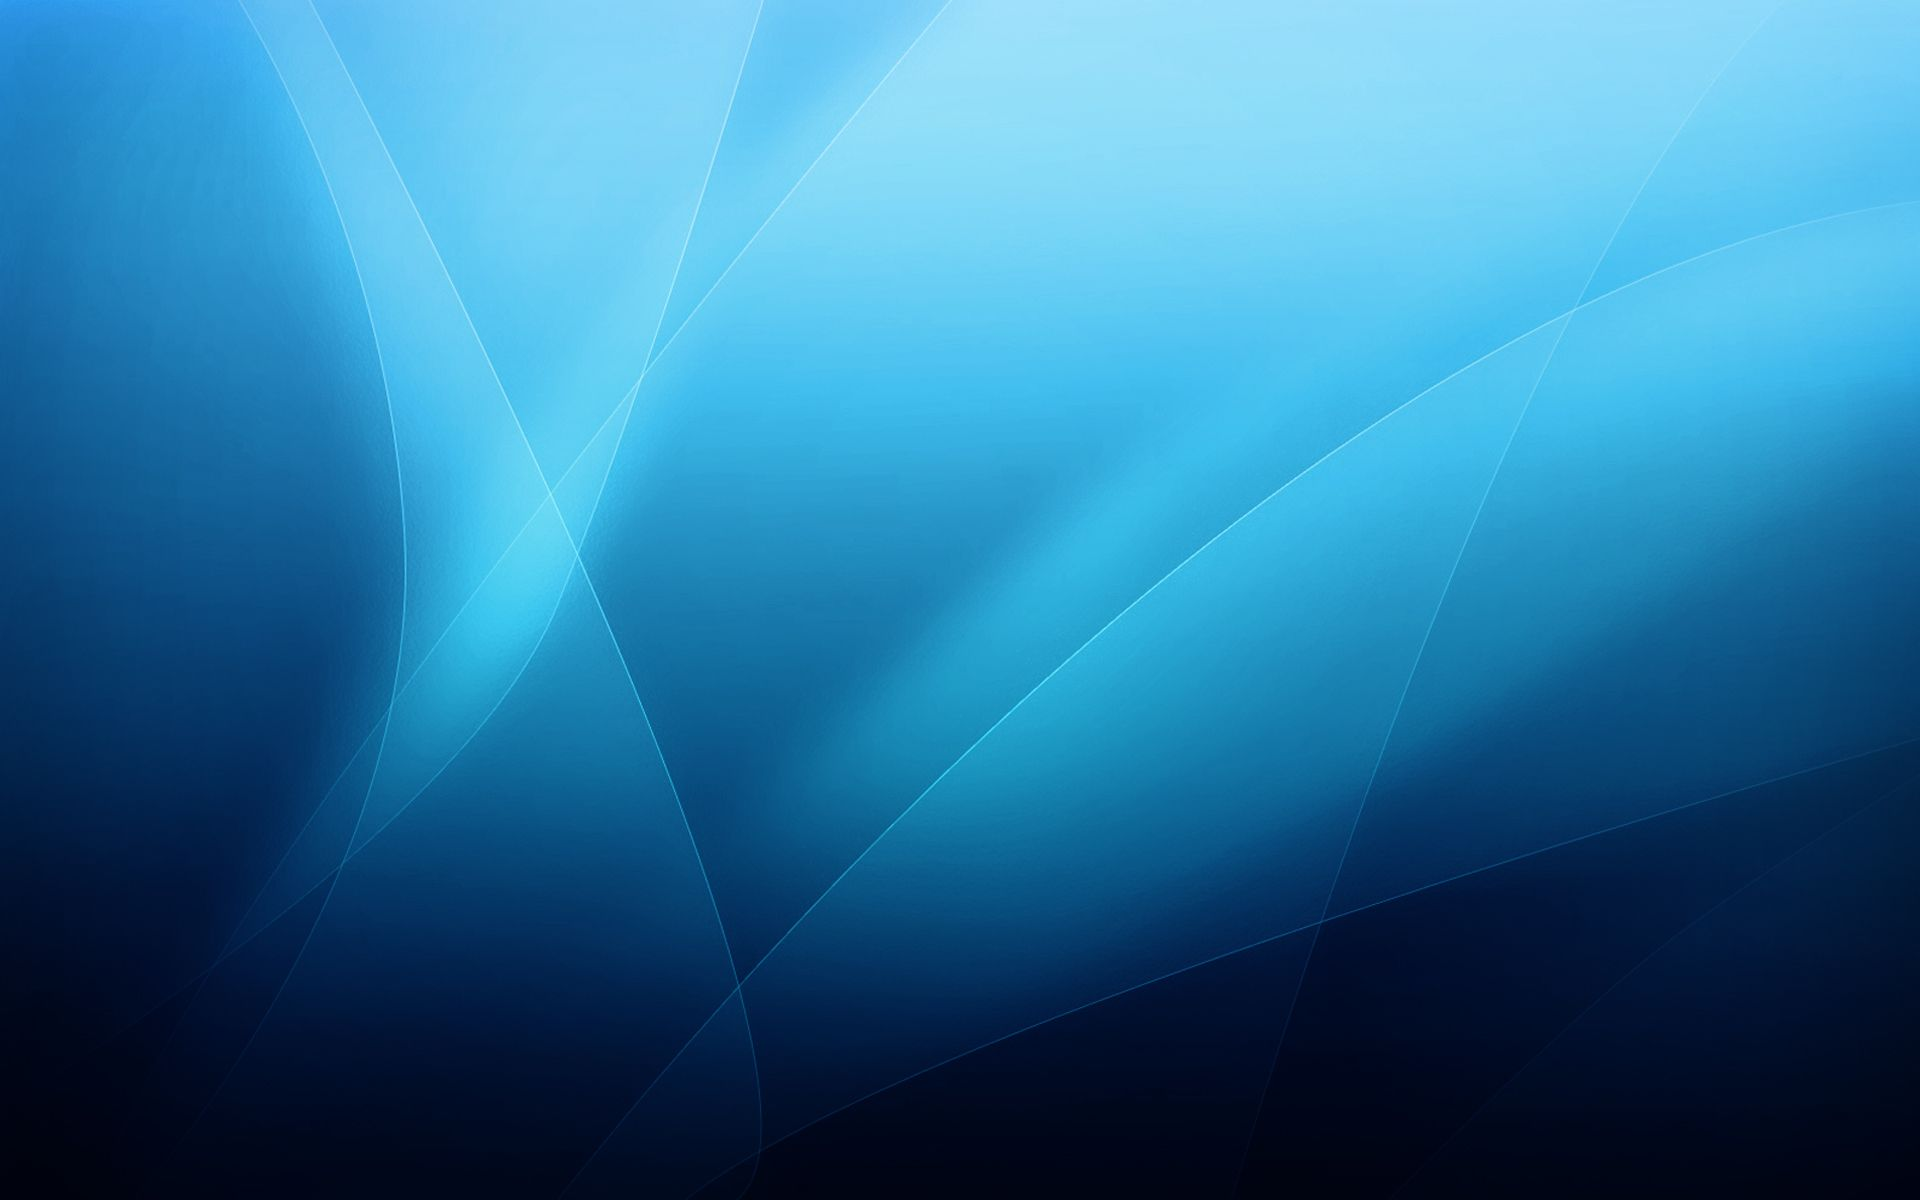 aqua clear wallpaper hd widescreen wallpaper from the